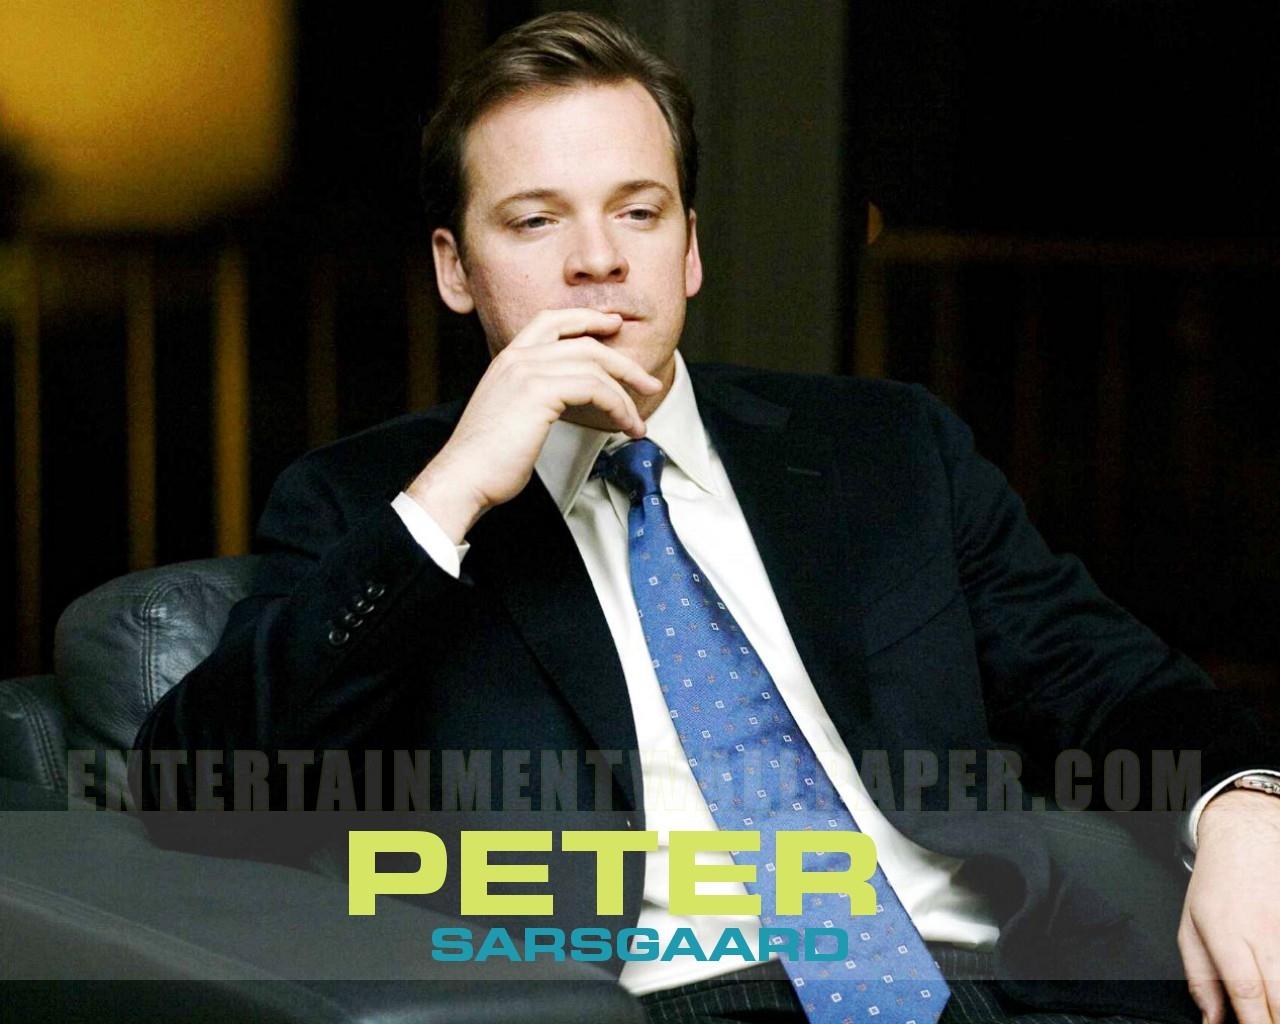 peter sarsgaard father